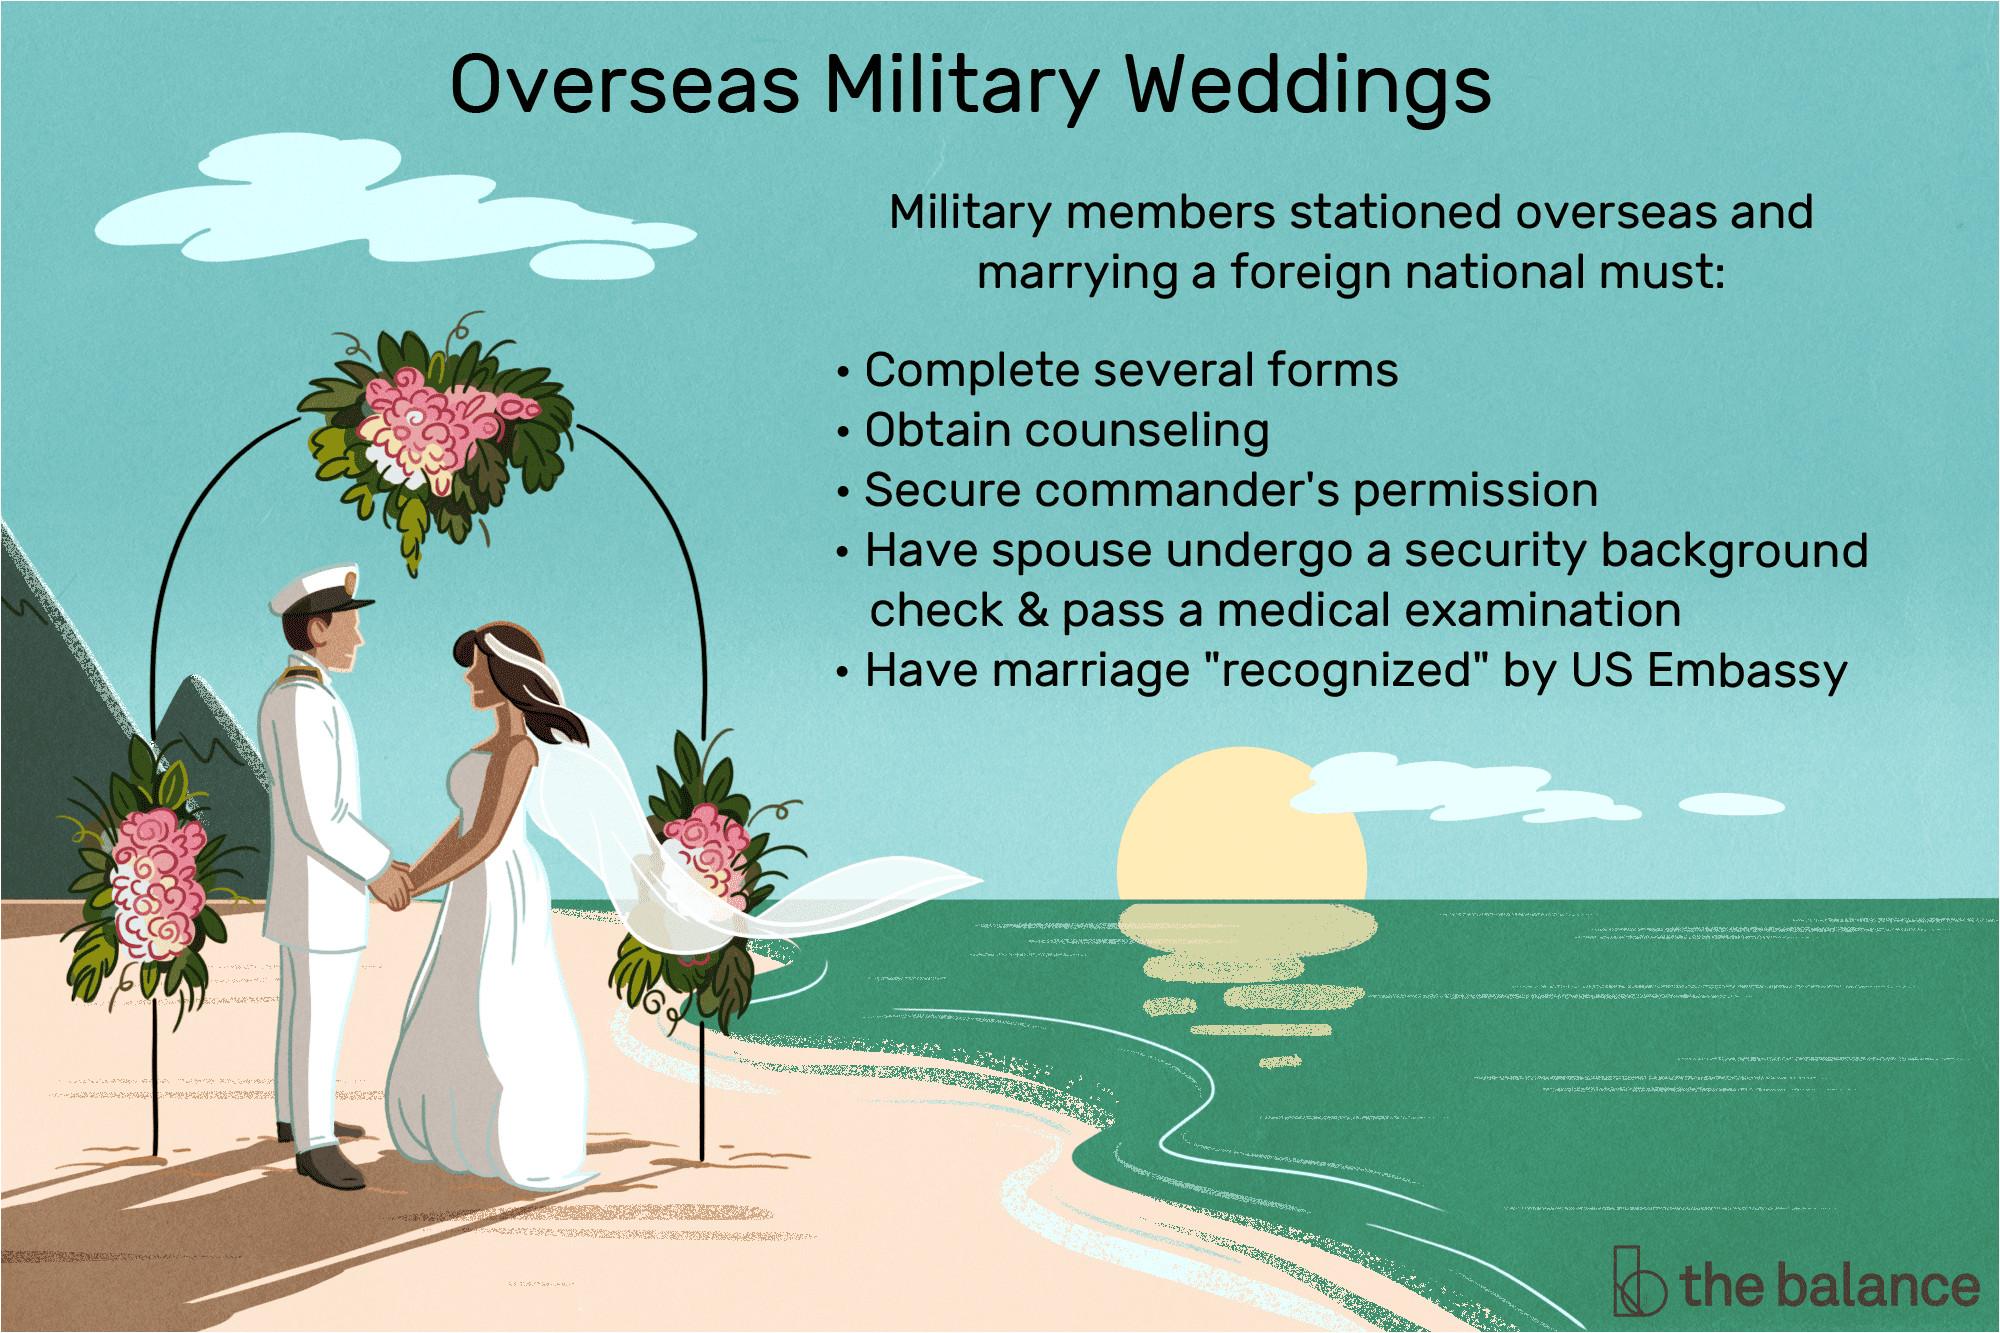 balance military weddings and honeymoons 3346199 v1 99cb29d8344b4fe2b178ca2bf41b586d png